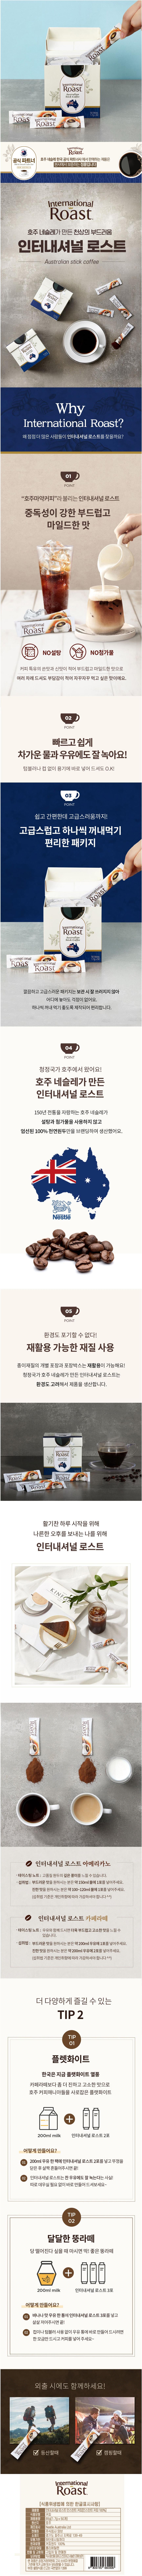 hoju_matakcoffee_web.jpg